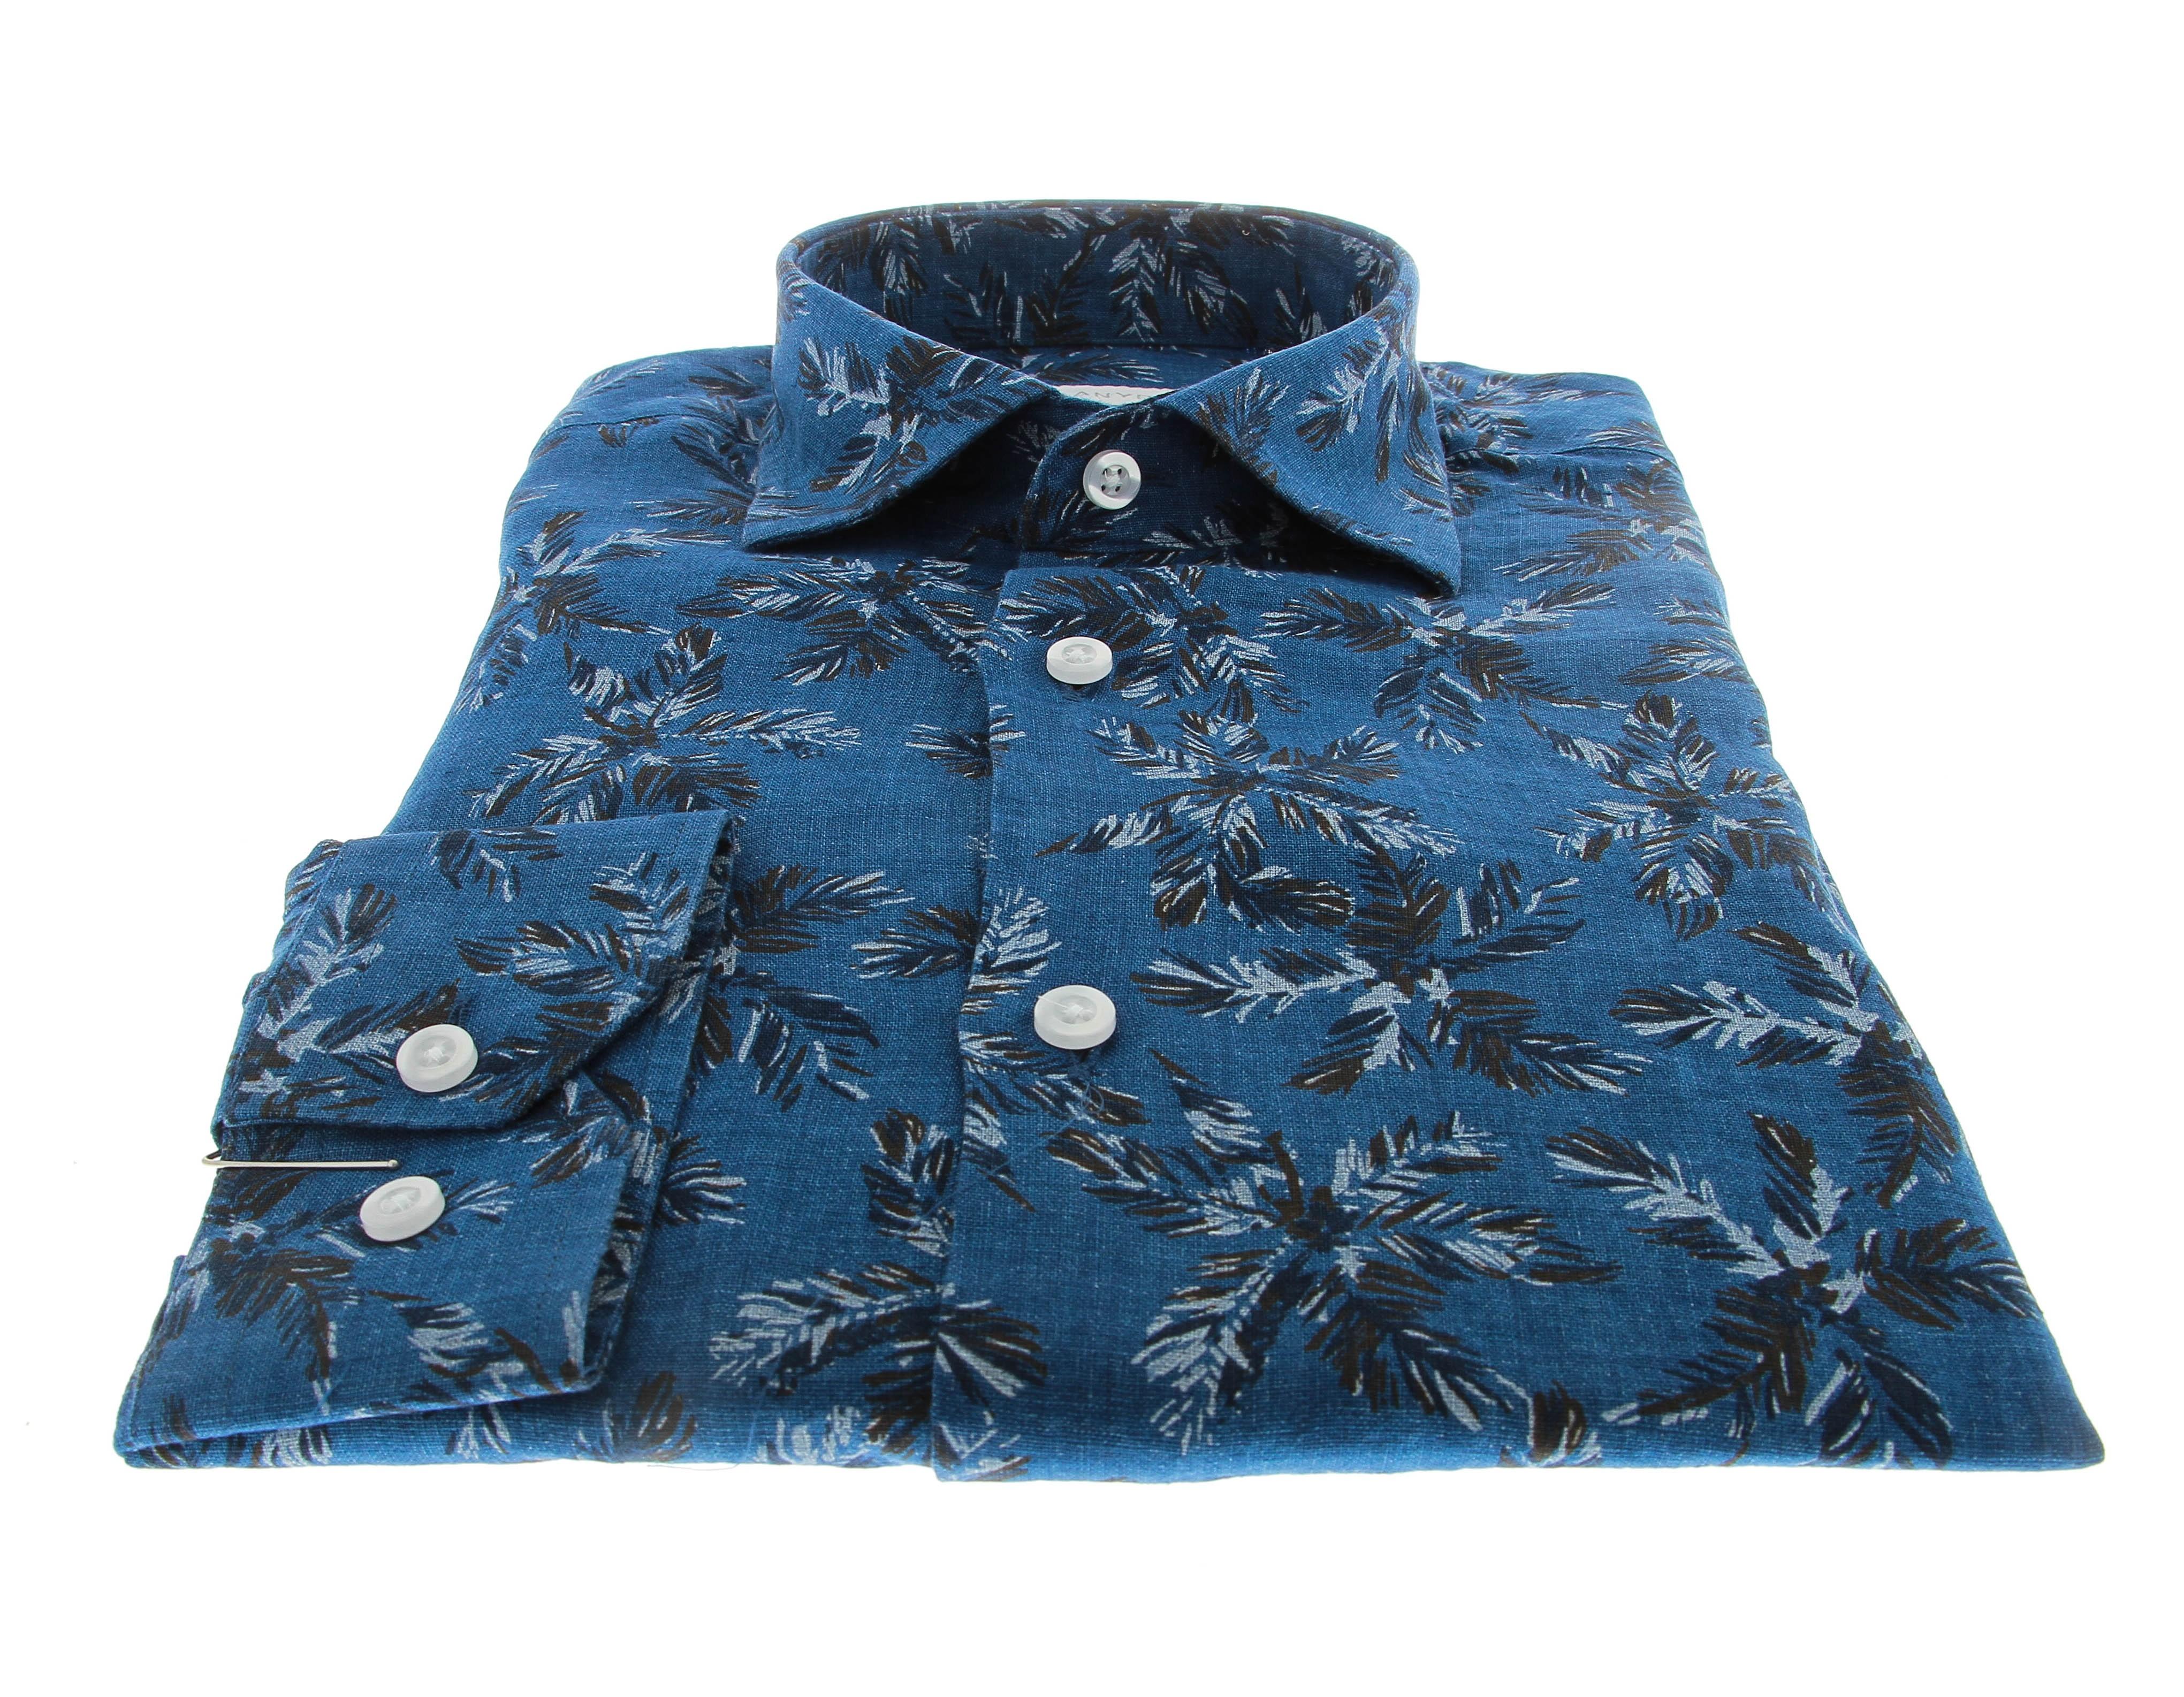 Chemise Summer : Bleu - Motif palme - Petit col français (chemise)